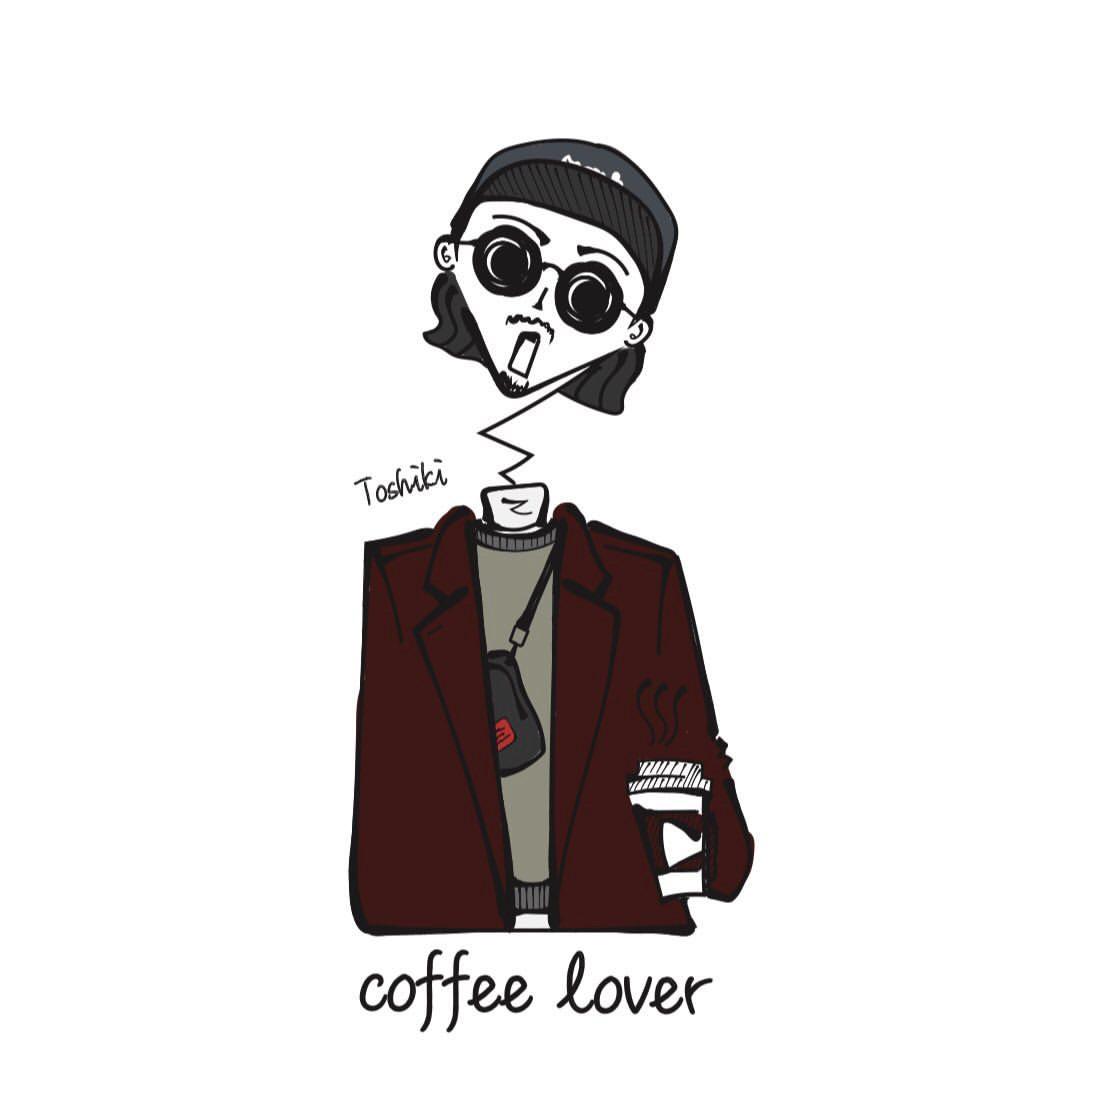 Profile Image of toshinpo cafe